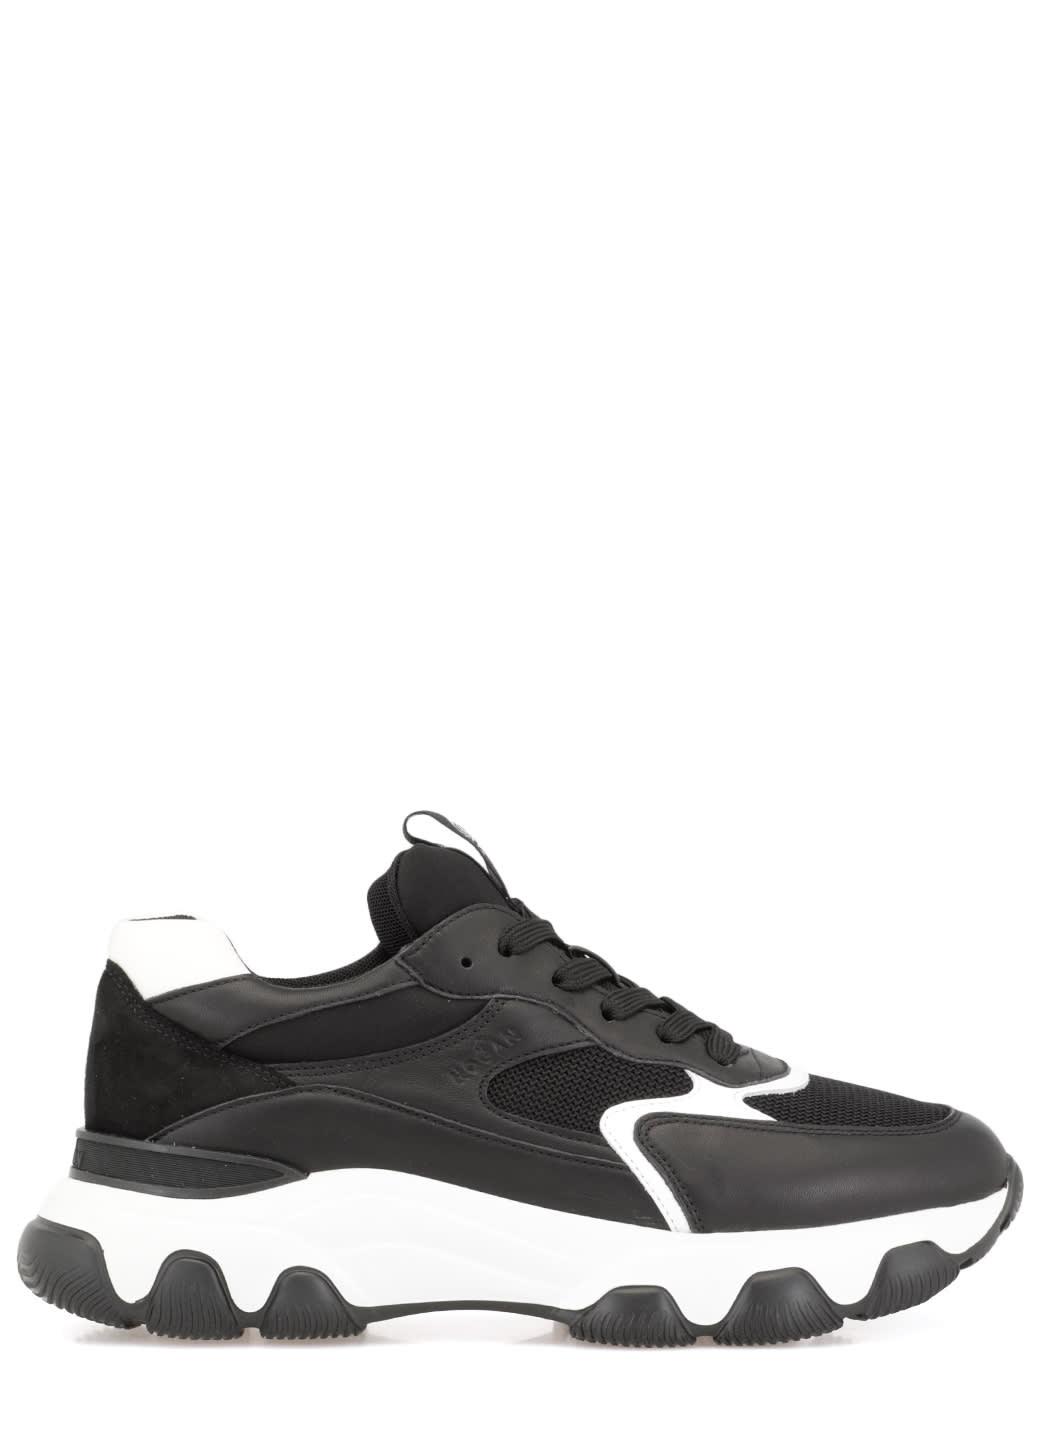 Hogan Hyperactive Sneaker